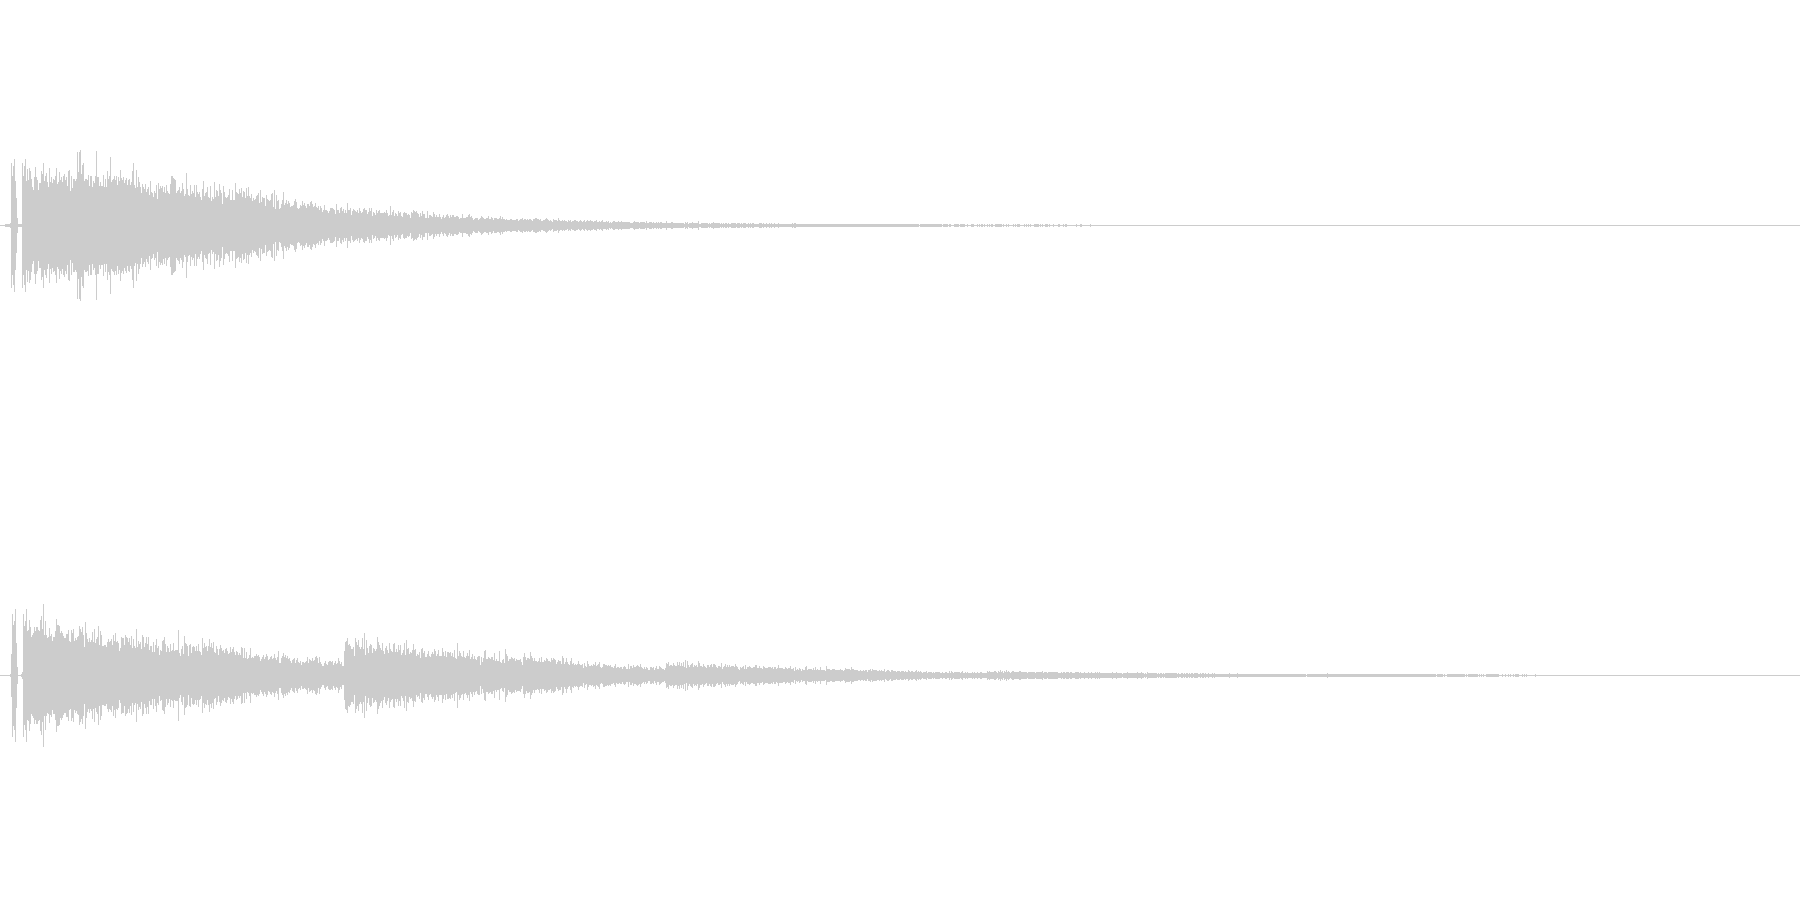 爆発音のような音の未再生の波形